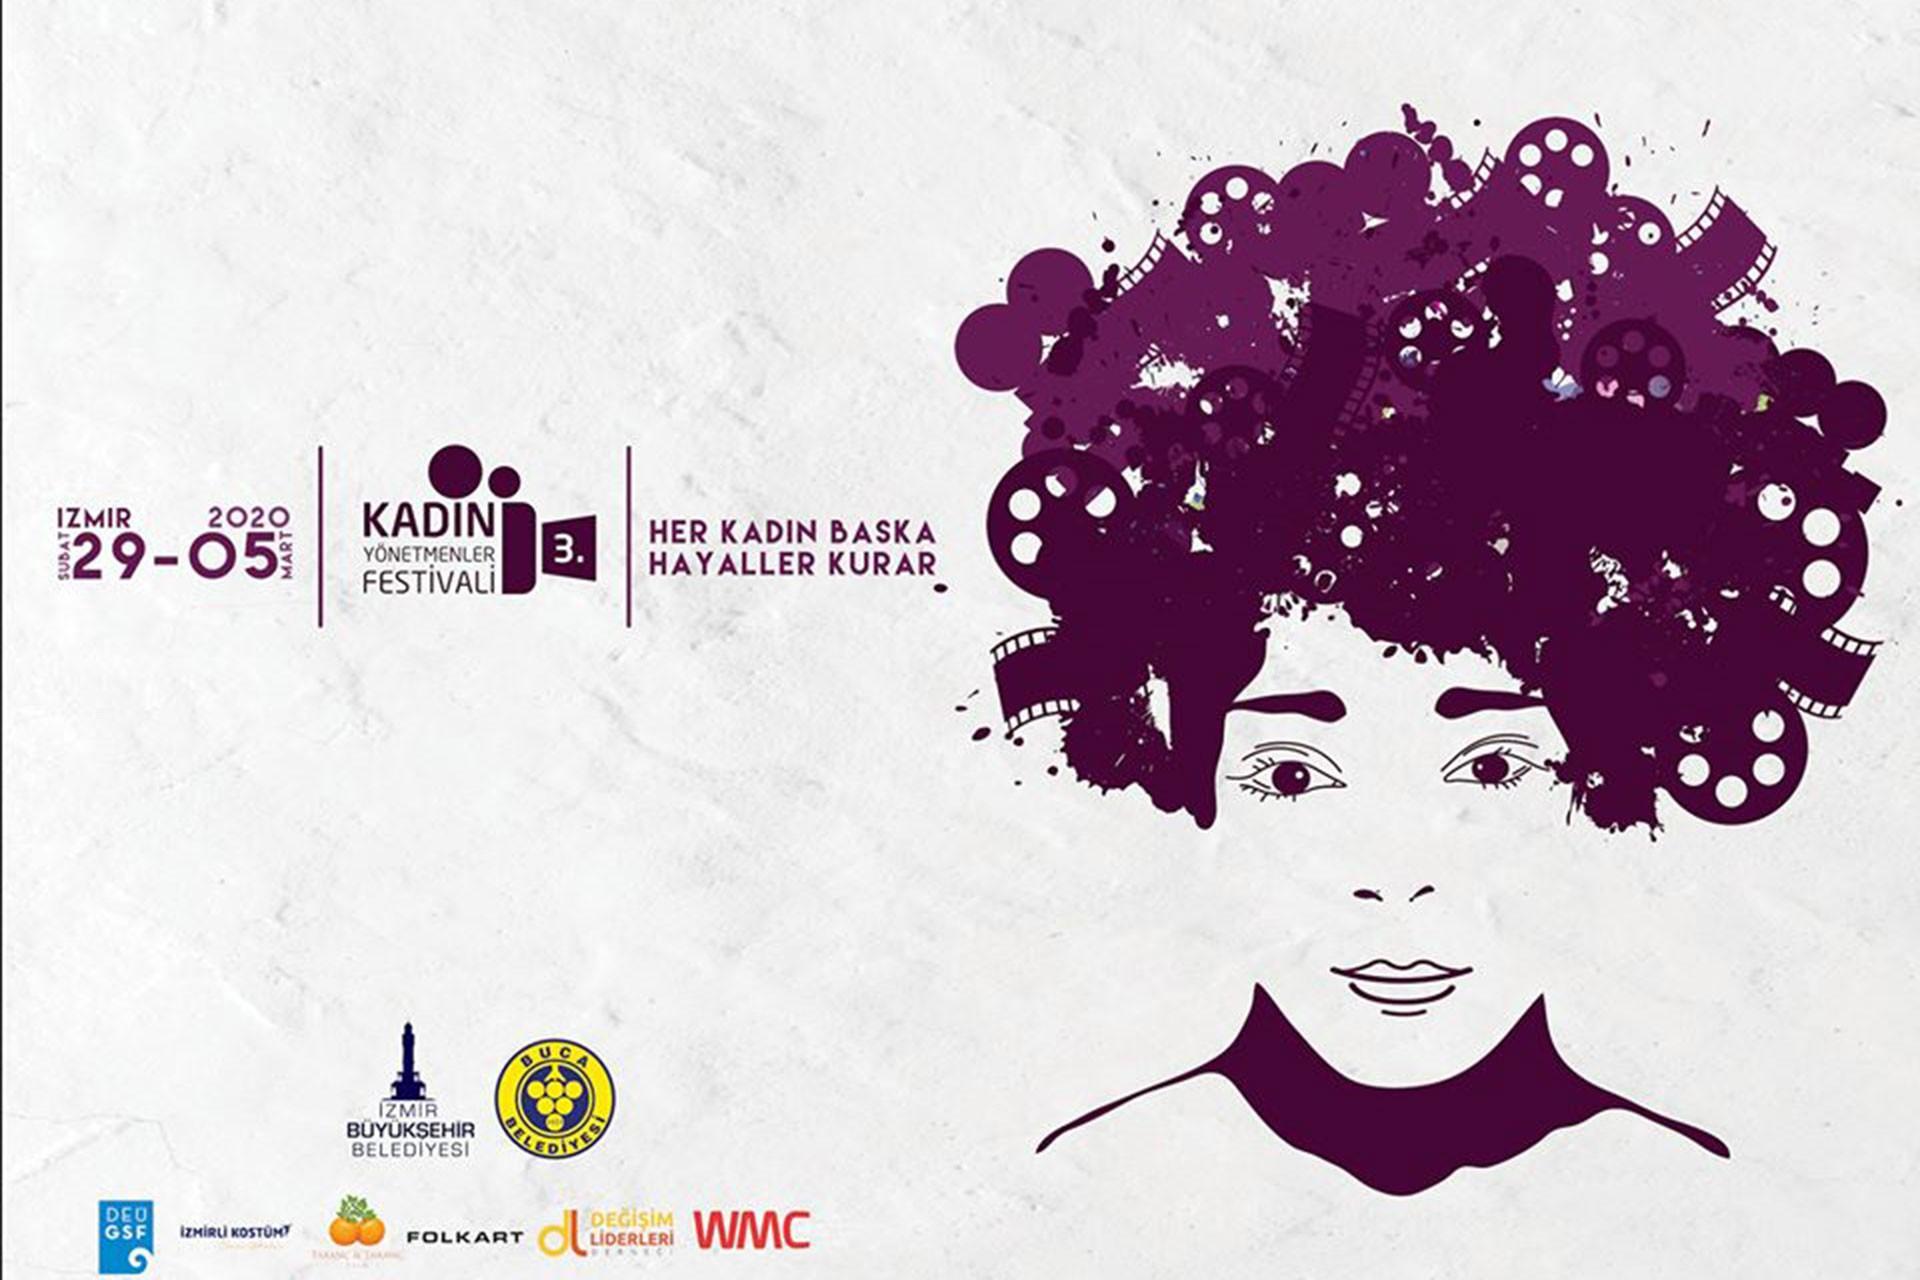 3. Kadın Yönetmenler Festivali afişi